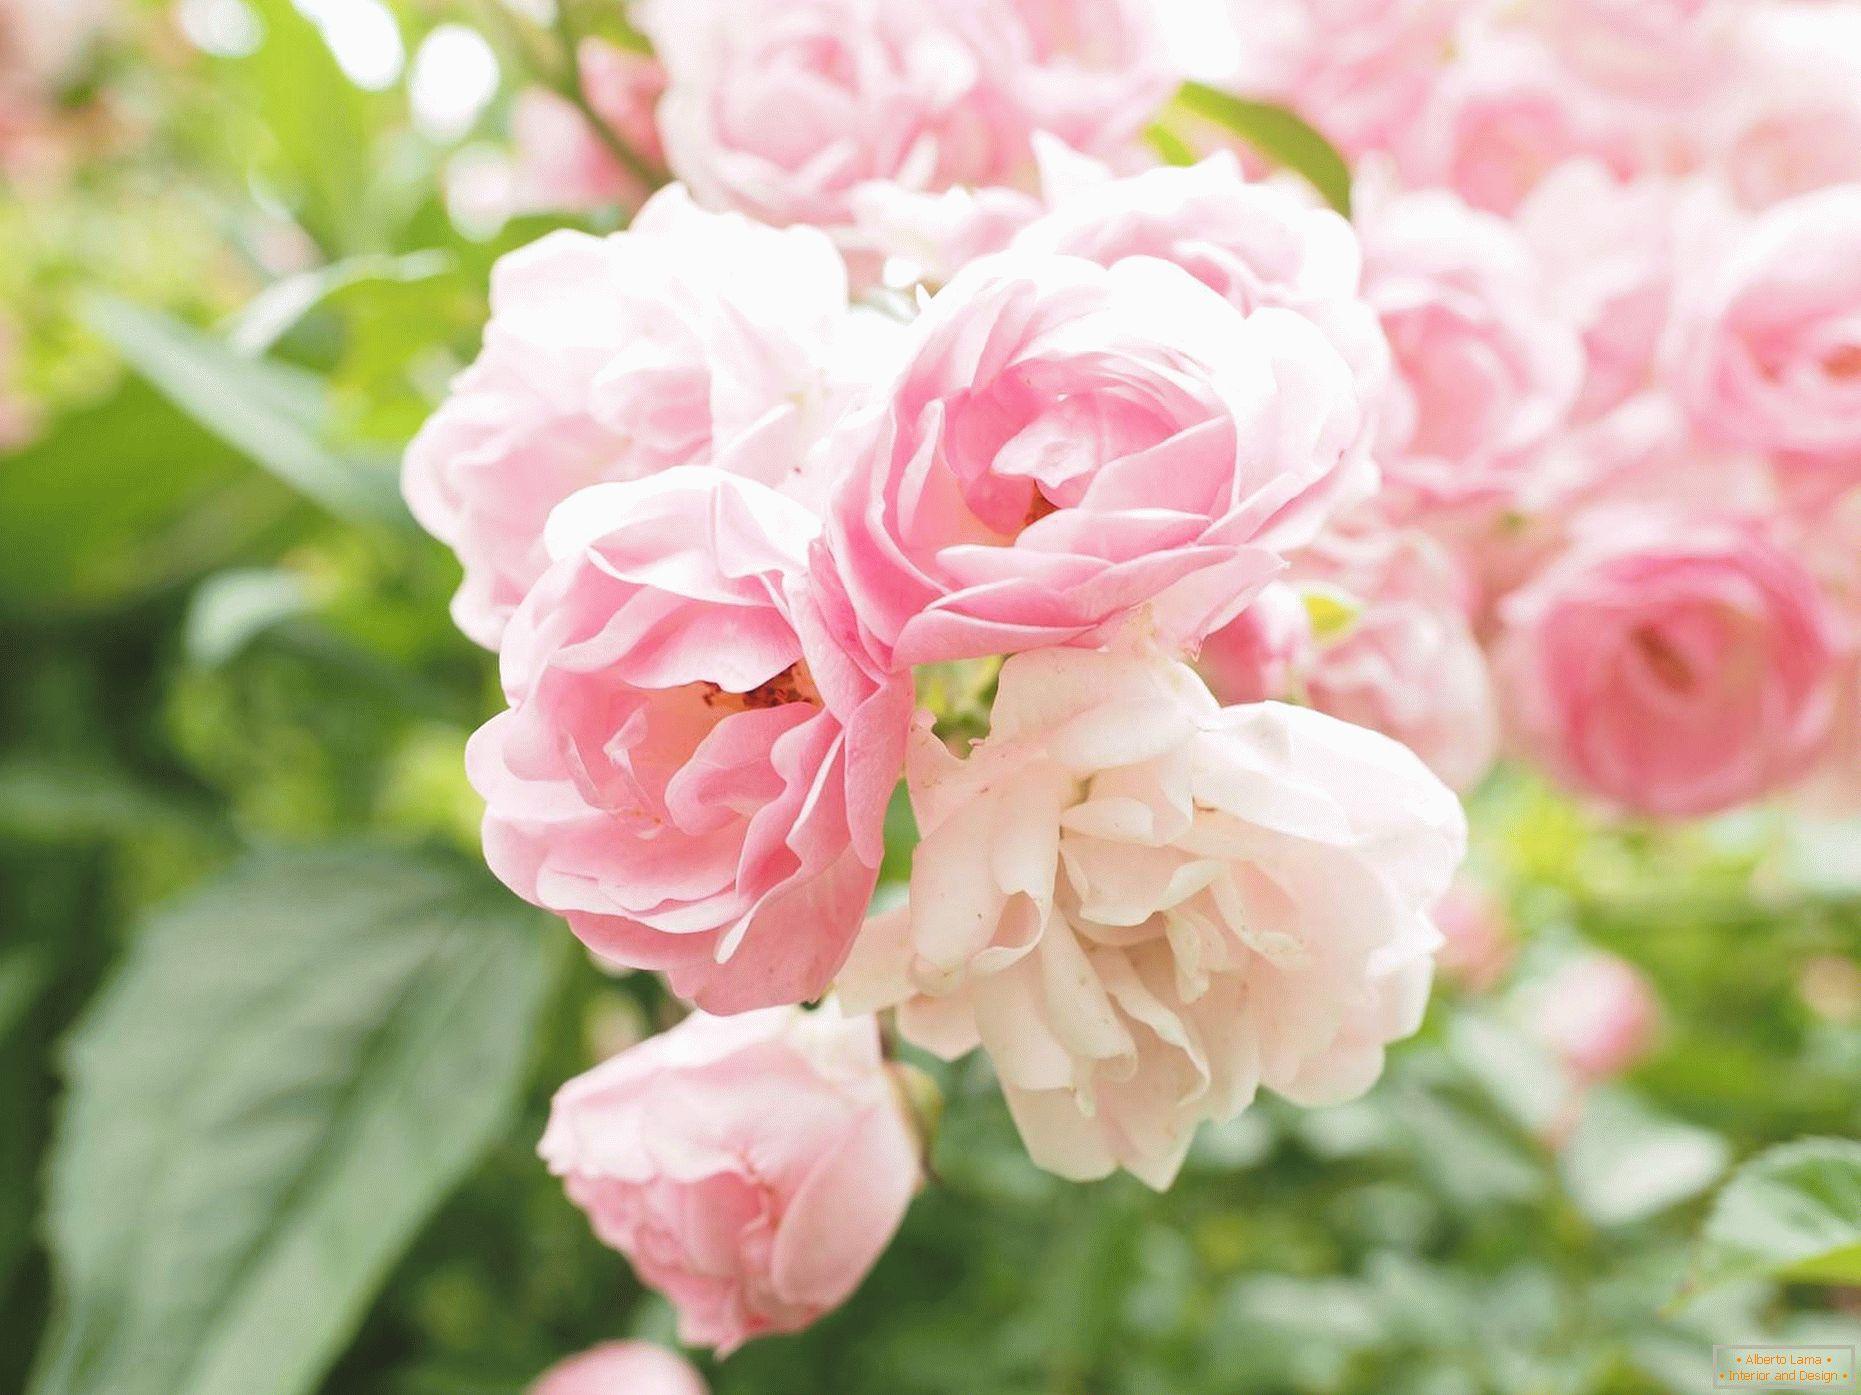 különféle rózsák galandféreghez akkora, mint egy felnőtt gömb